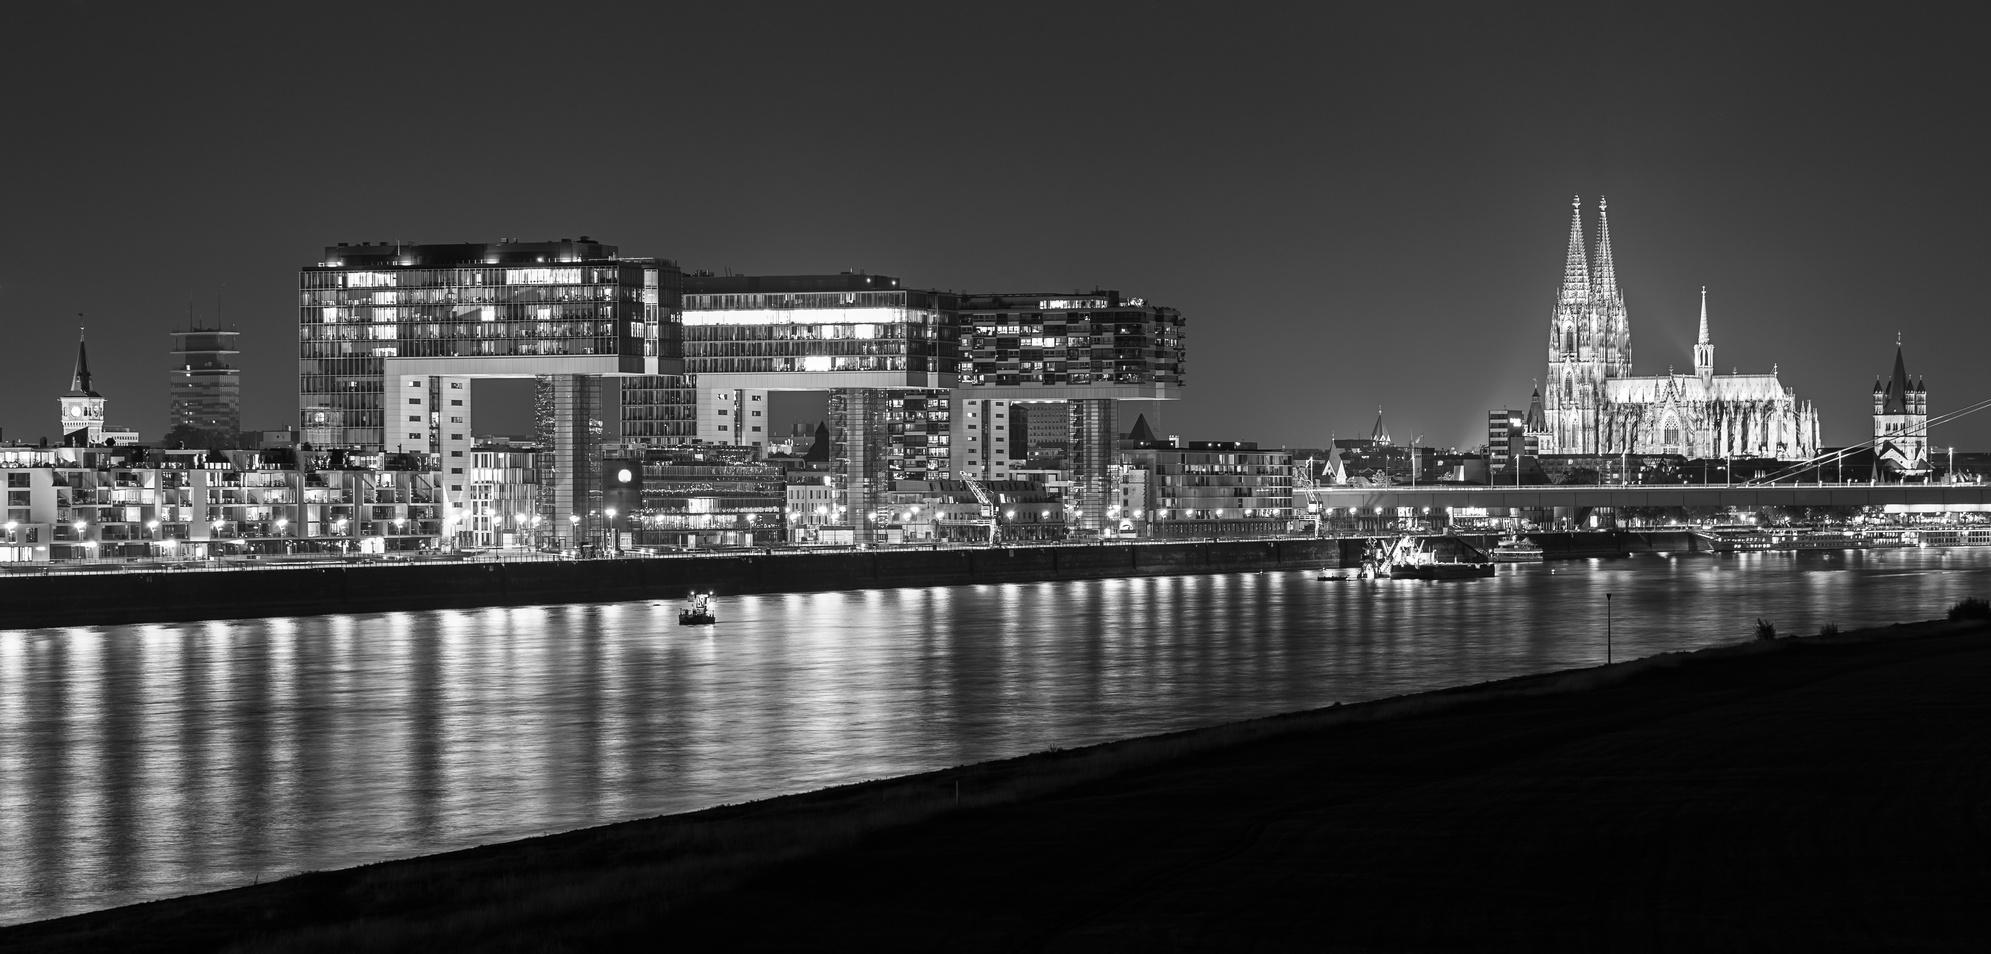 Köln-Panorama mit modernen und historischen Gebäuden in Schwarz-Weiß.